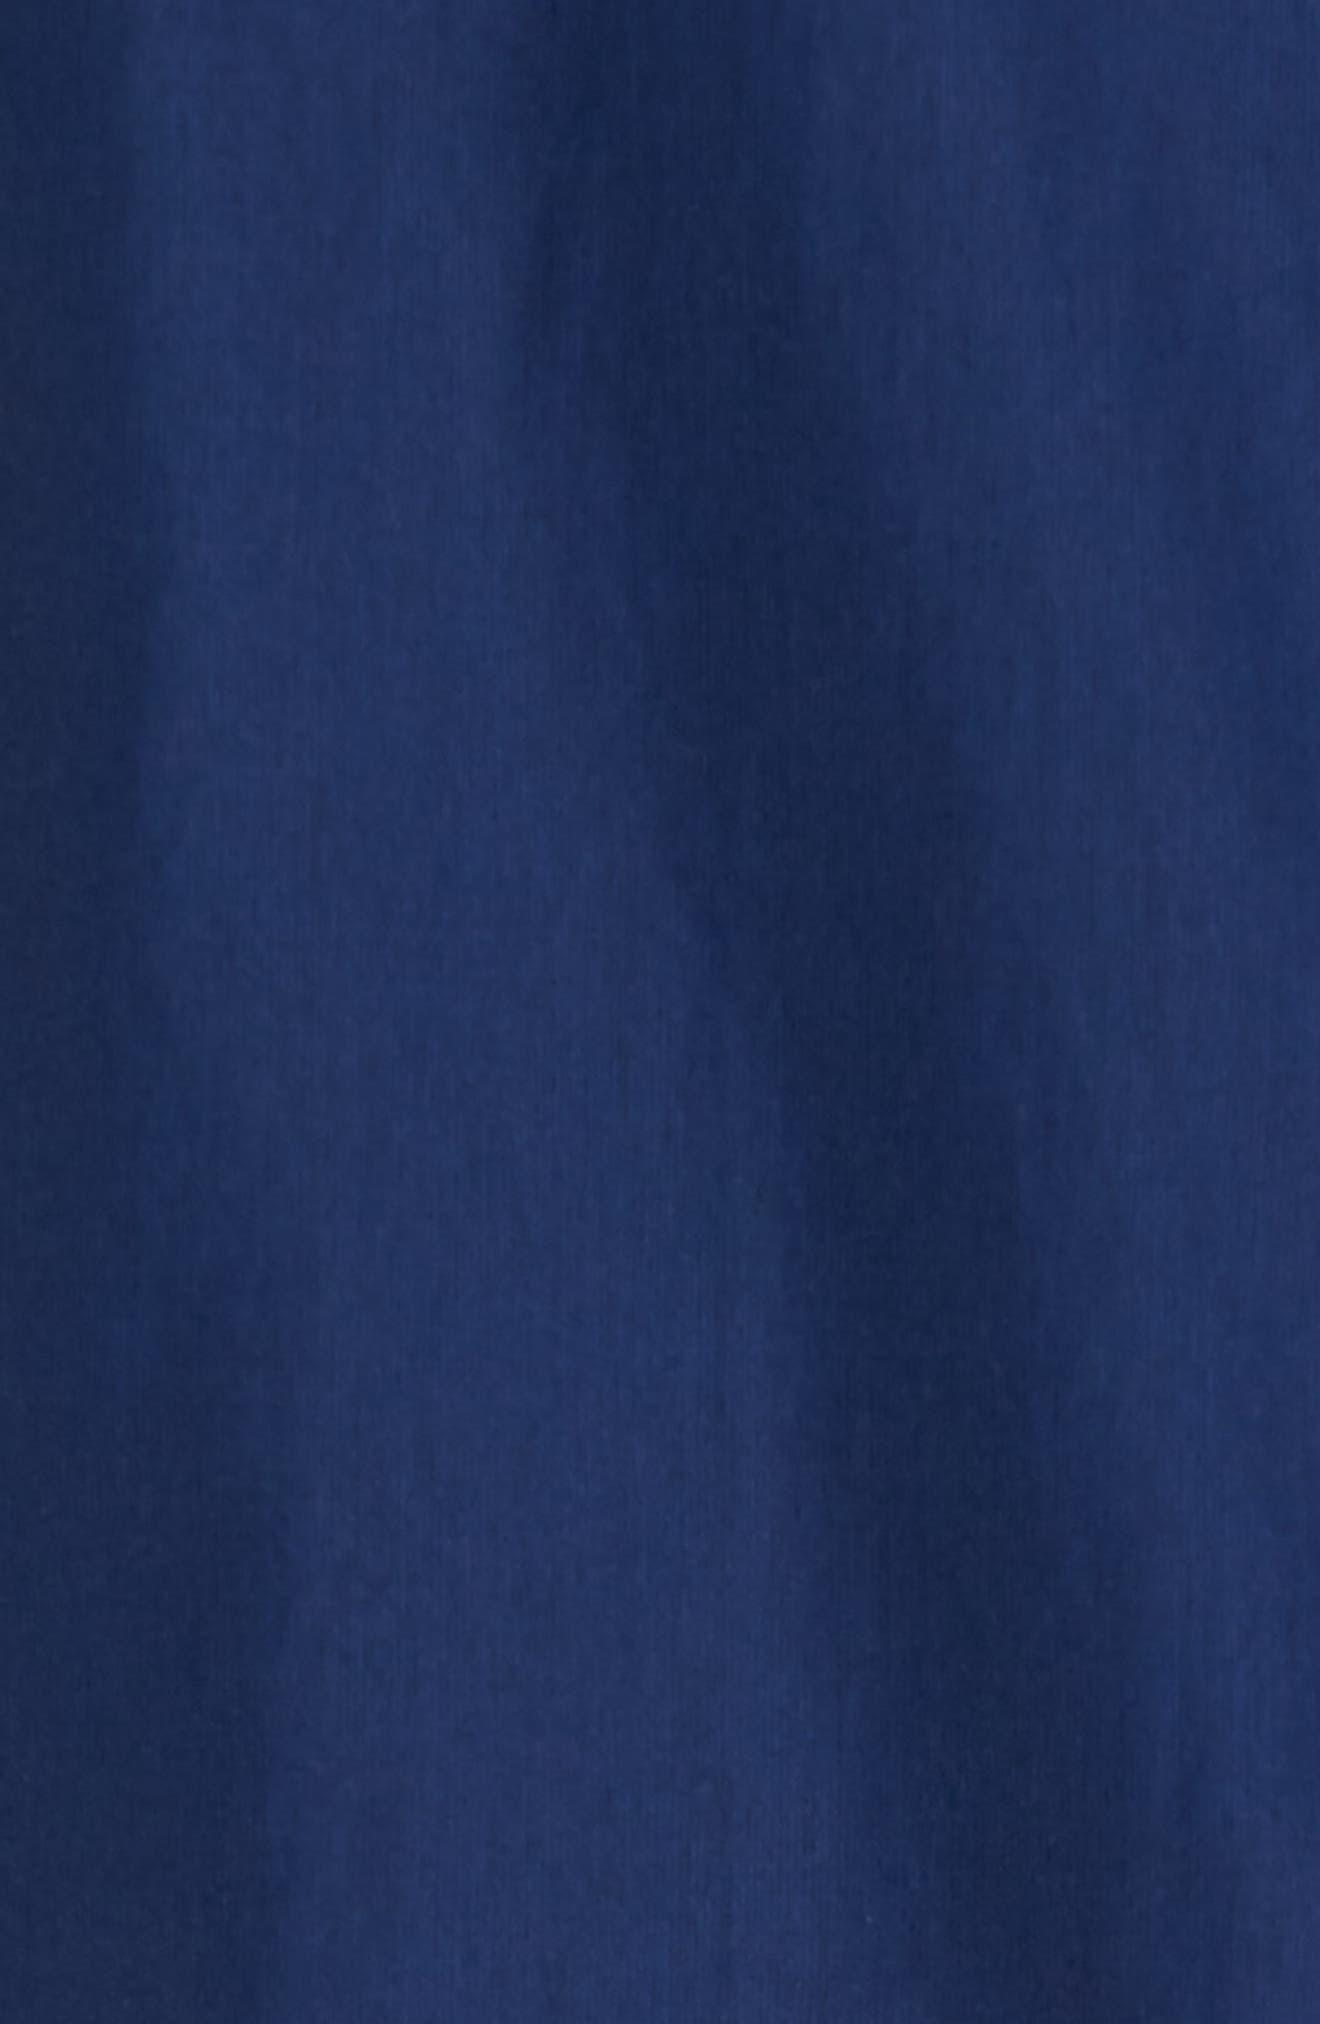 Austin Cotton Blend Raincoat,                             Alternate thumbnail 5, color,                             Royal Blue